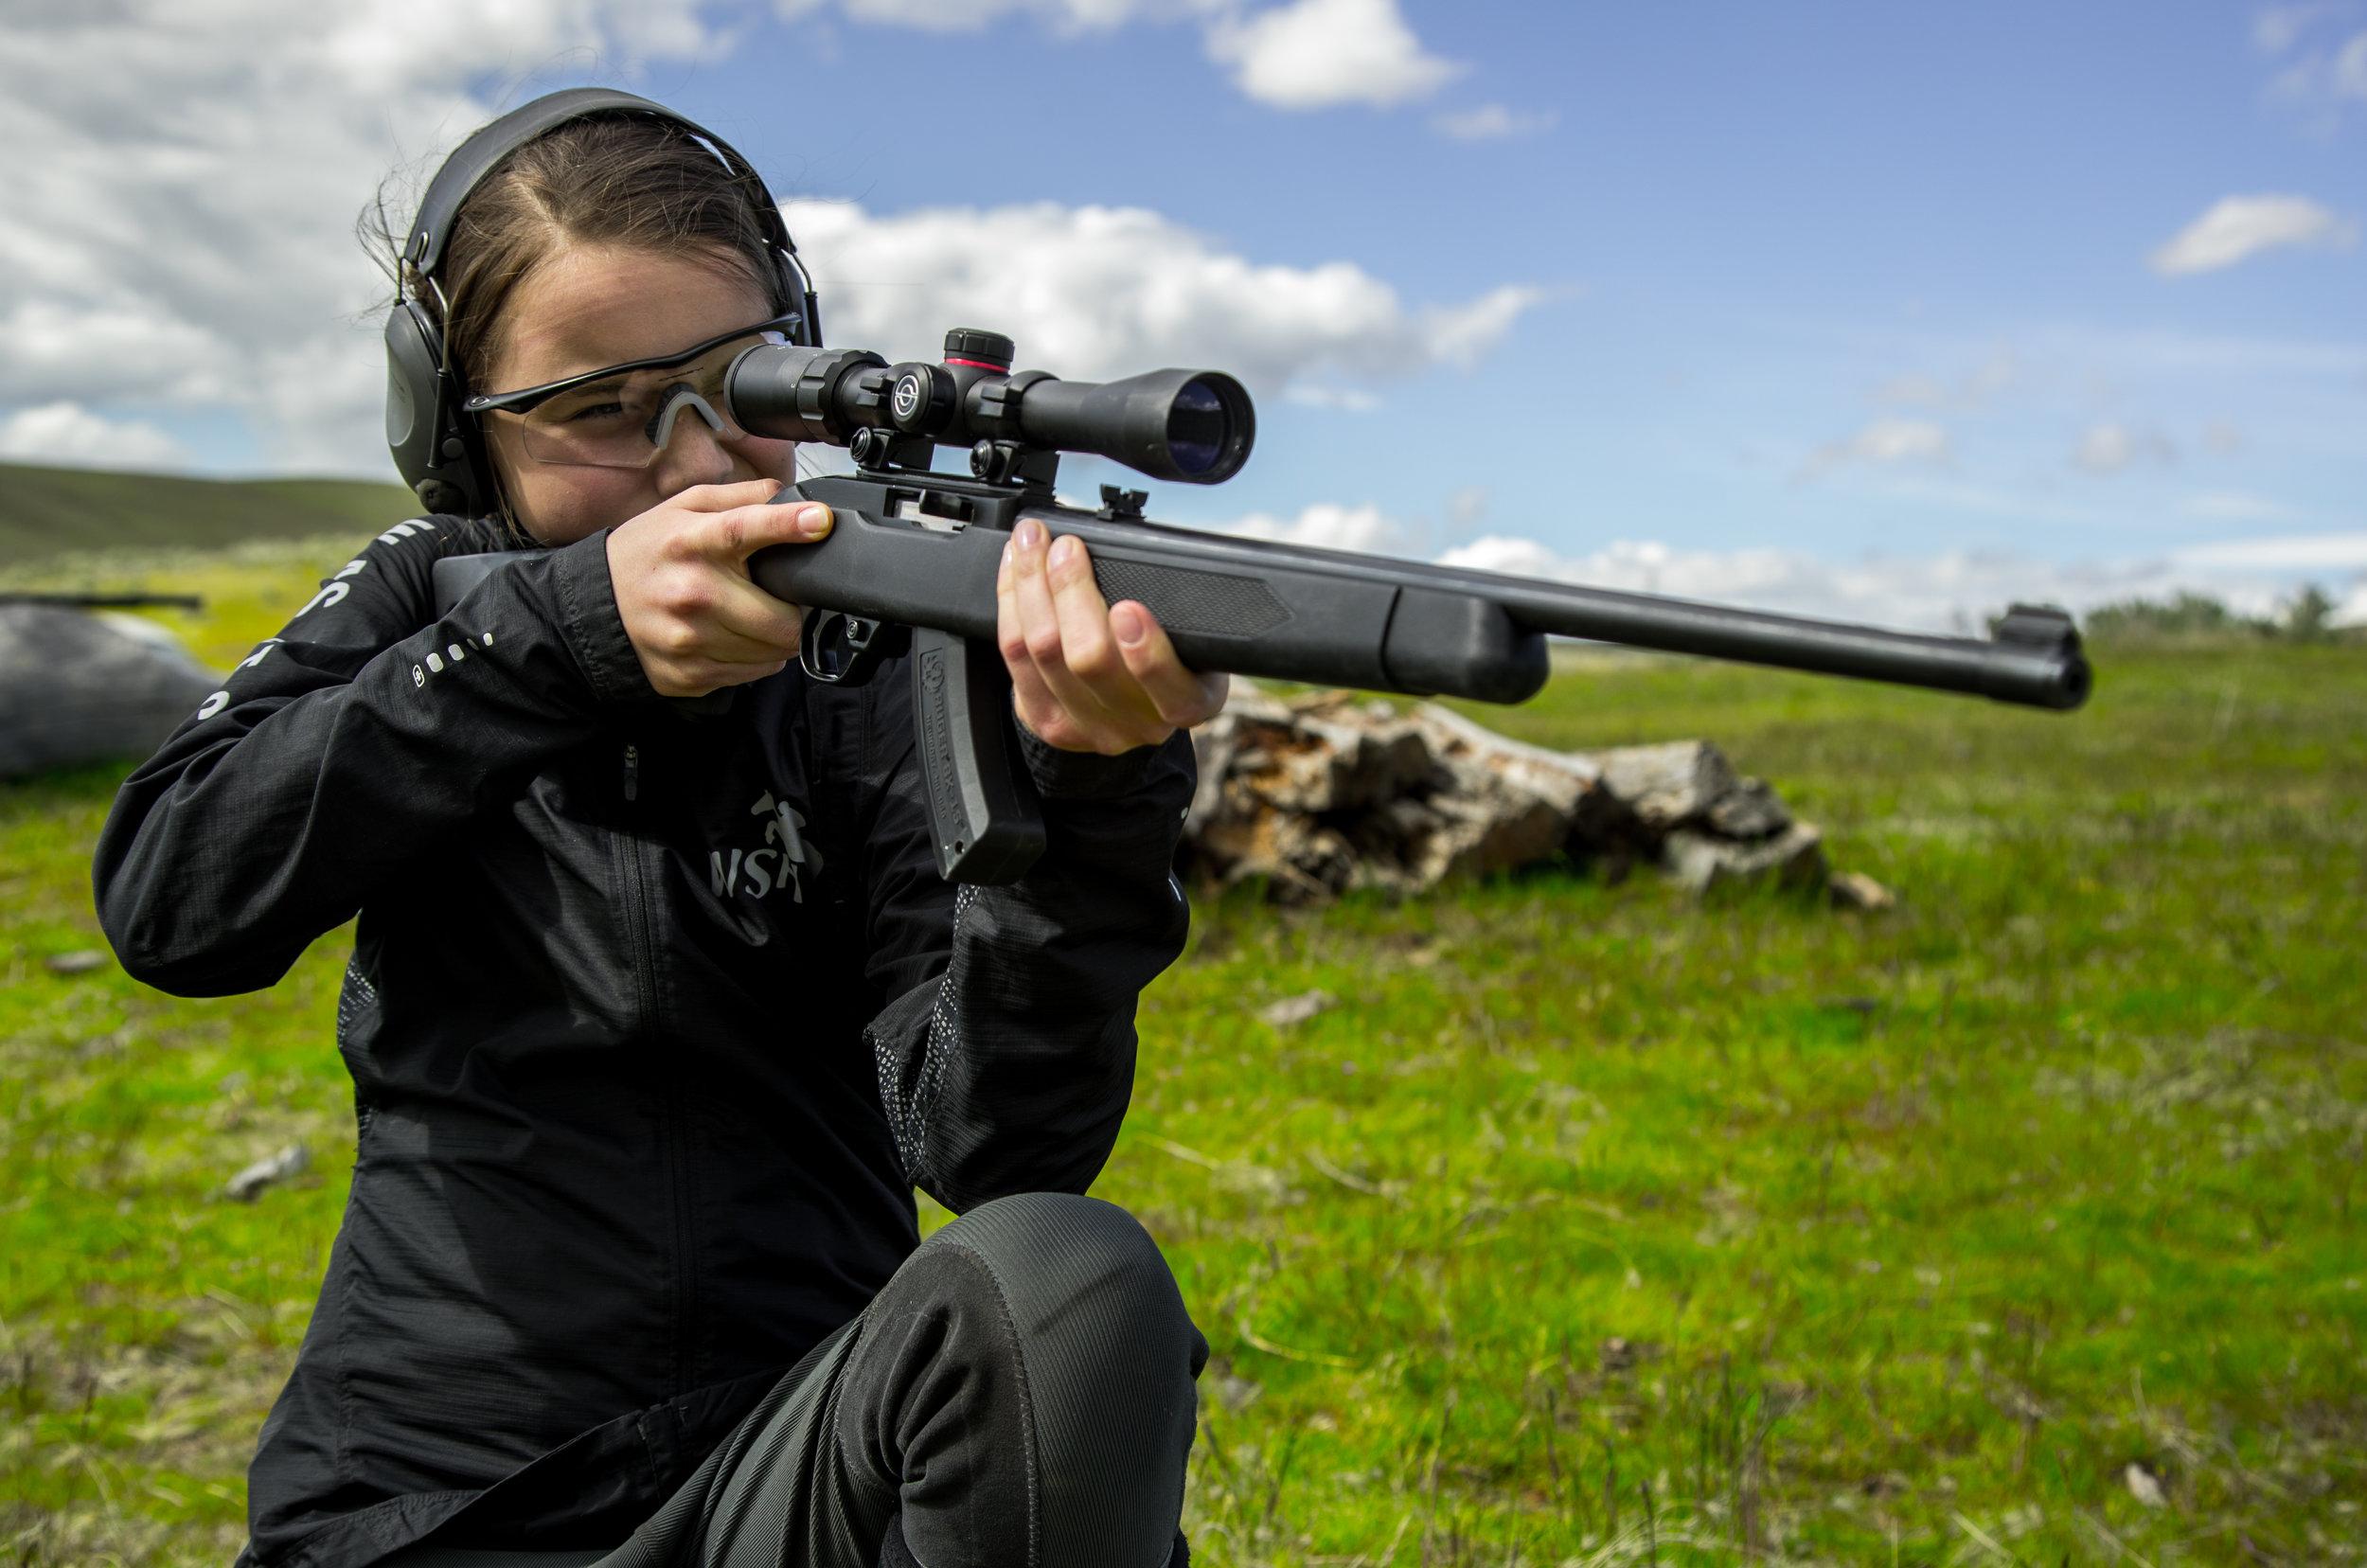 Brinley Kneeling with Rifle.jpg